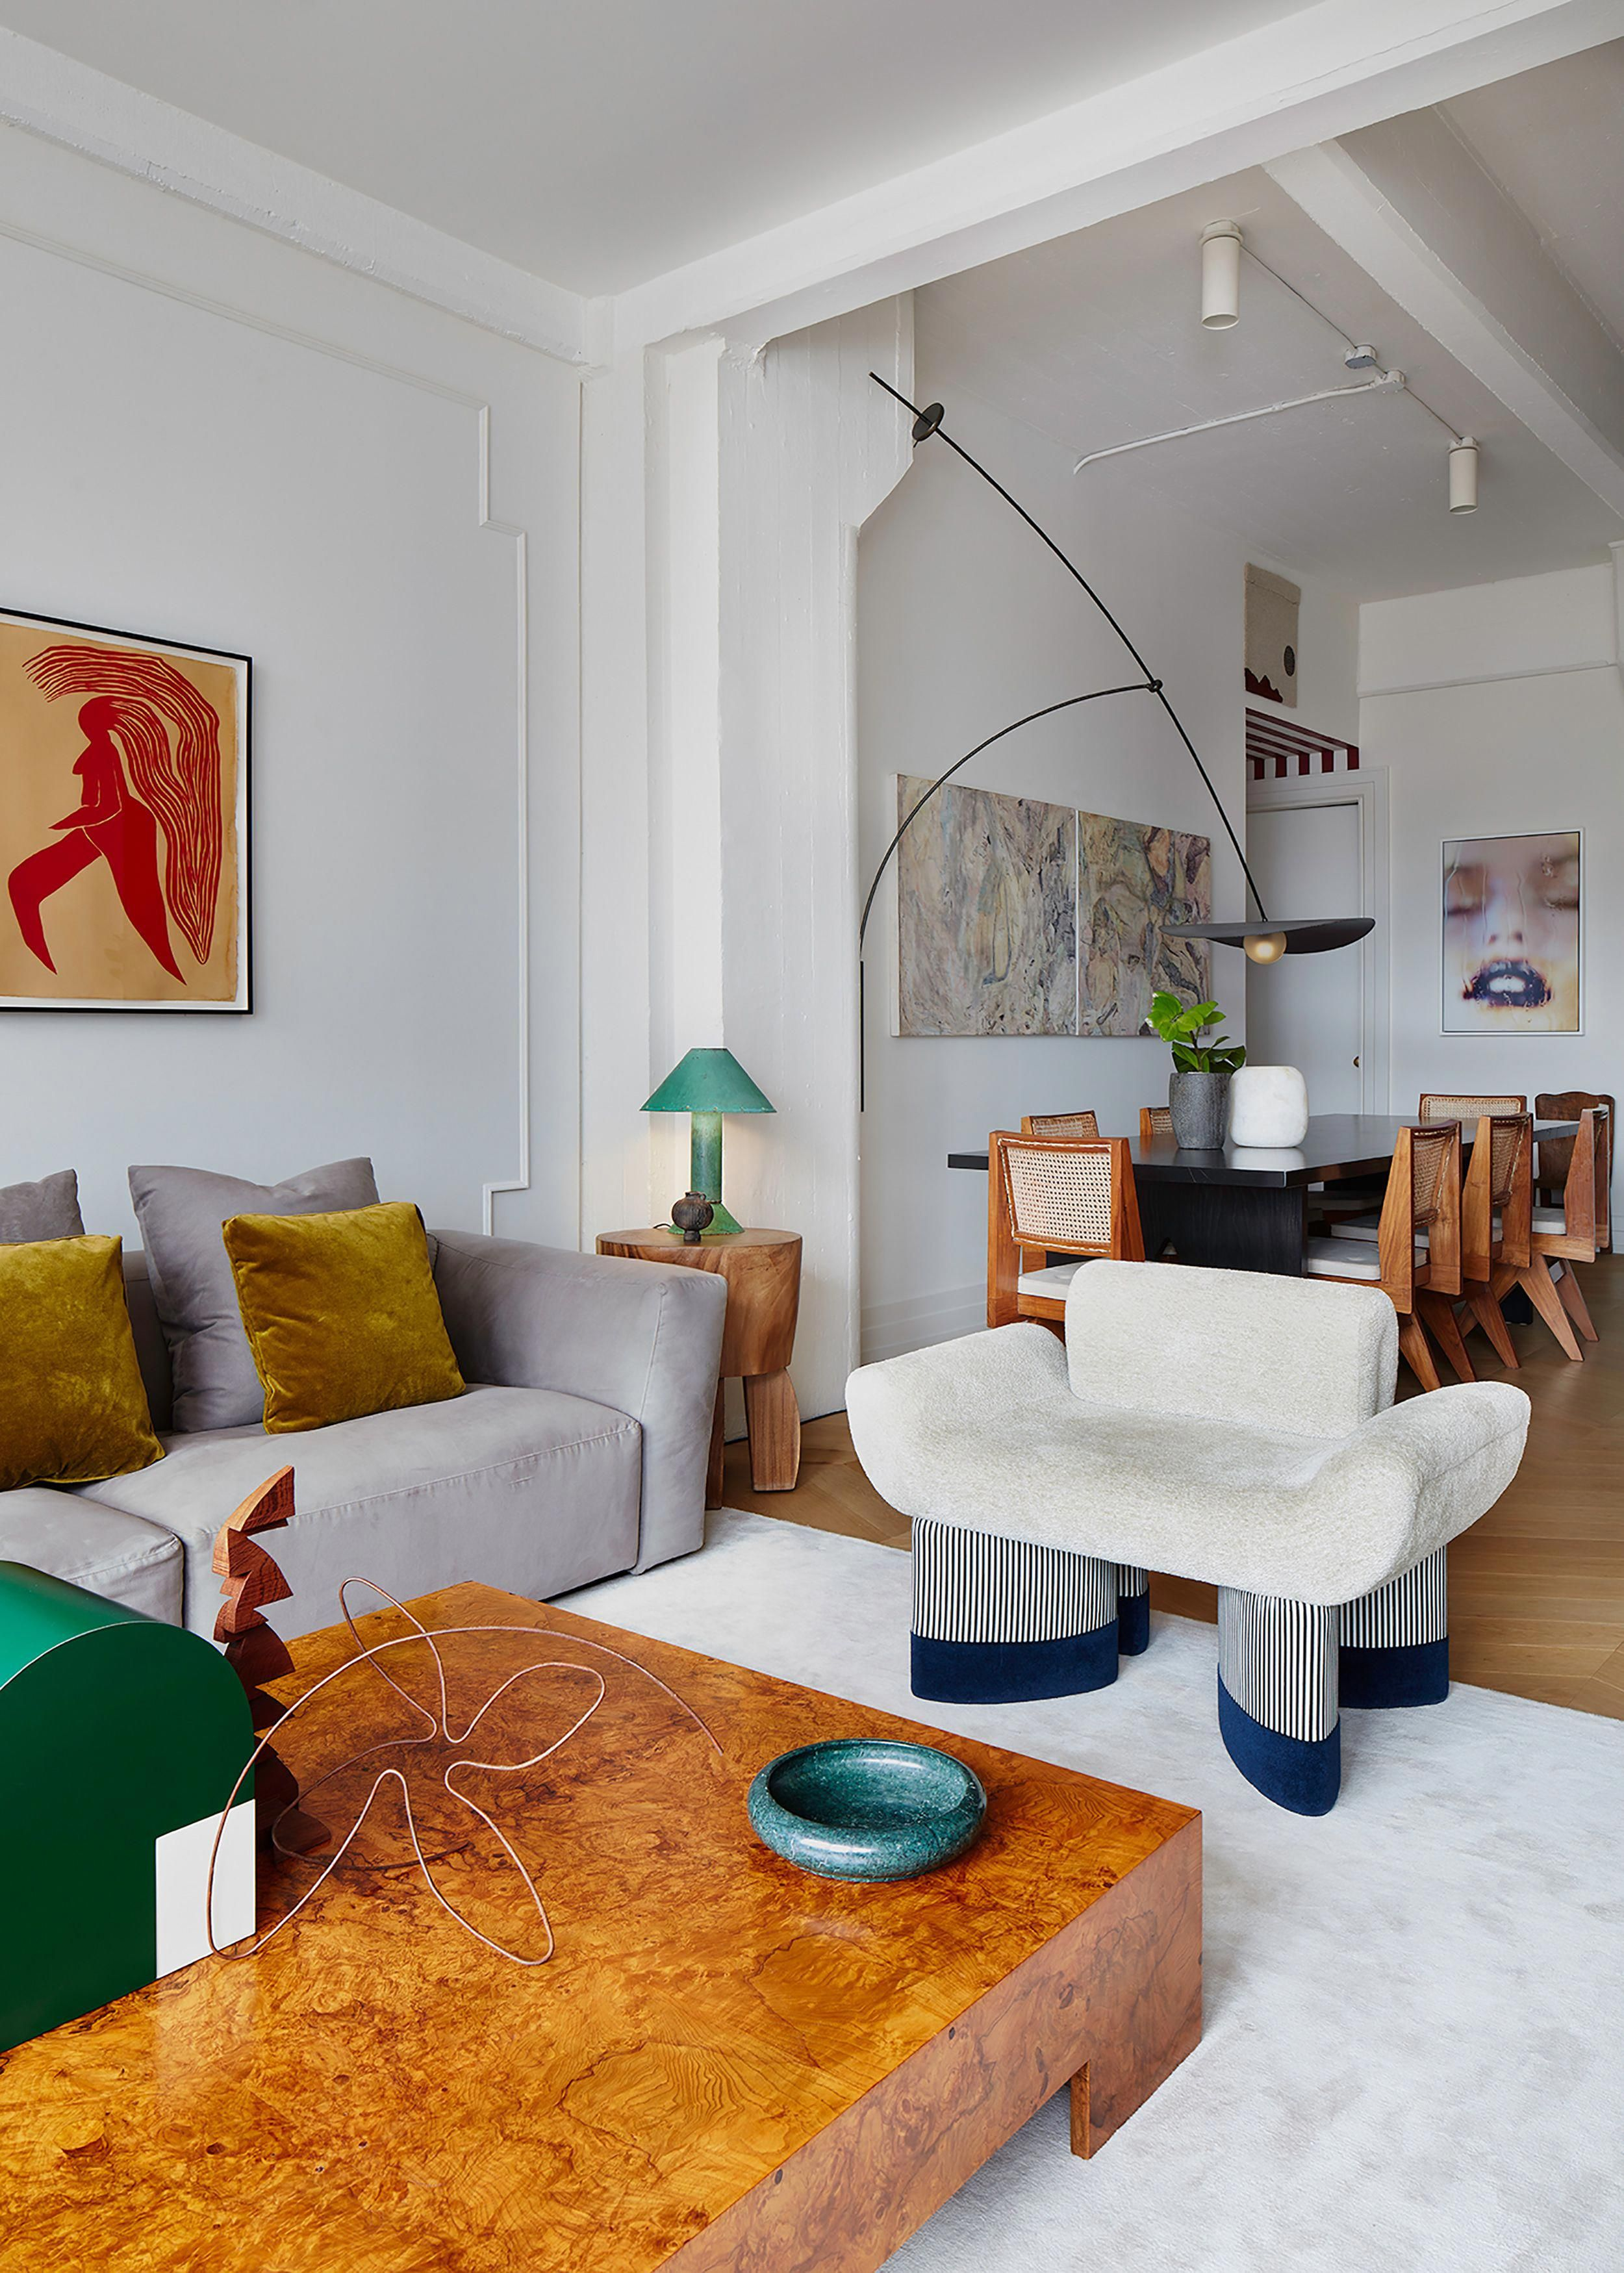 20 Lovely Living Room Design Ideas for 2019 | House interior